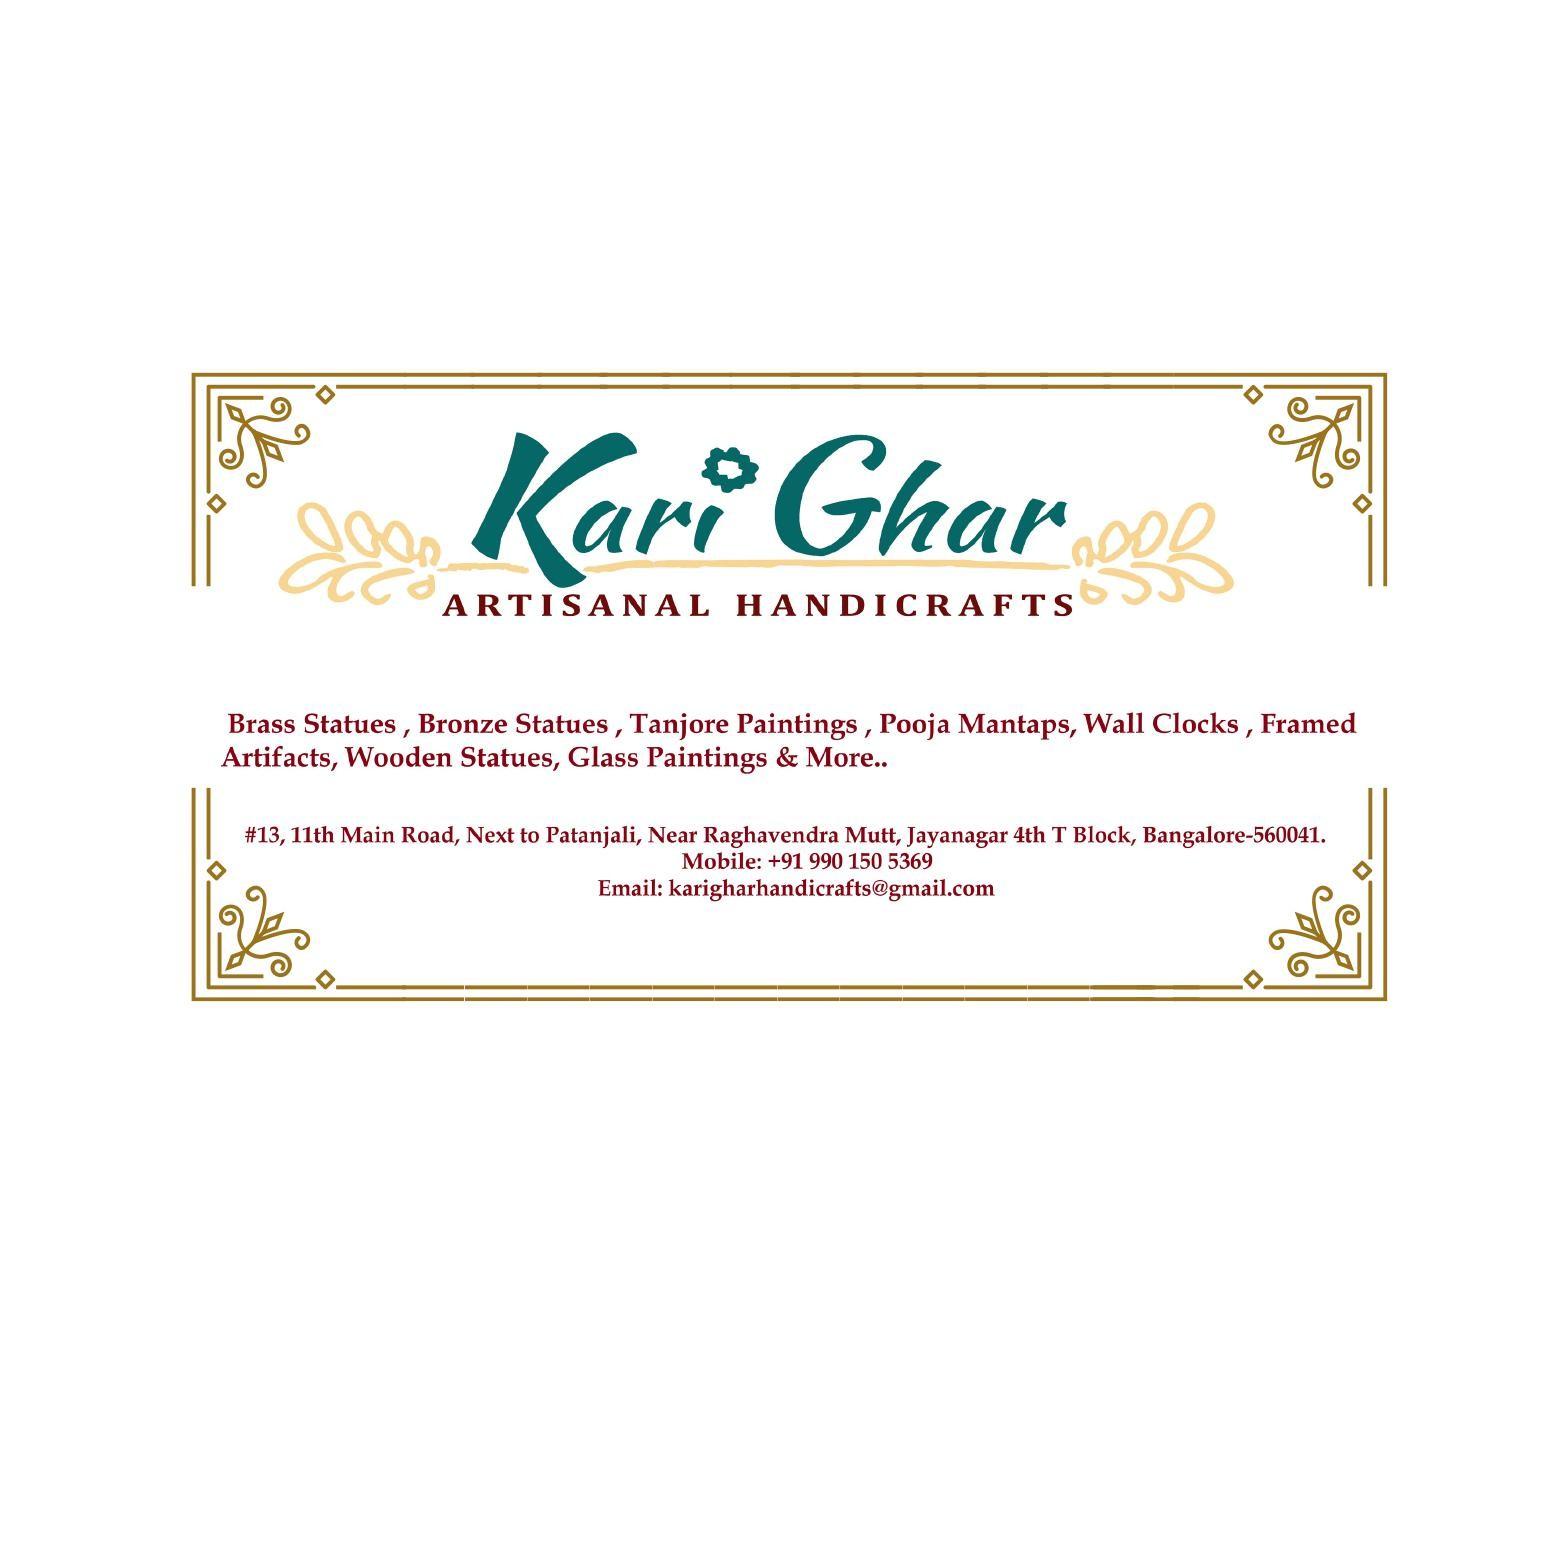 Kari Ghar